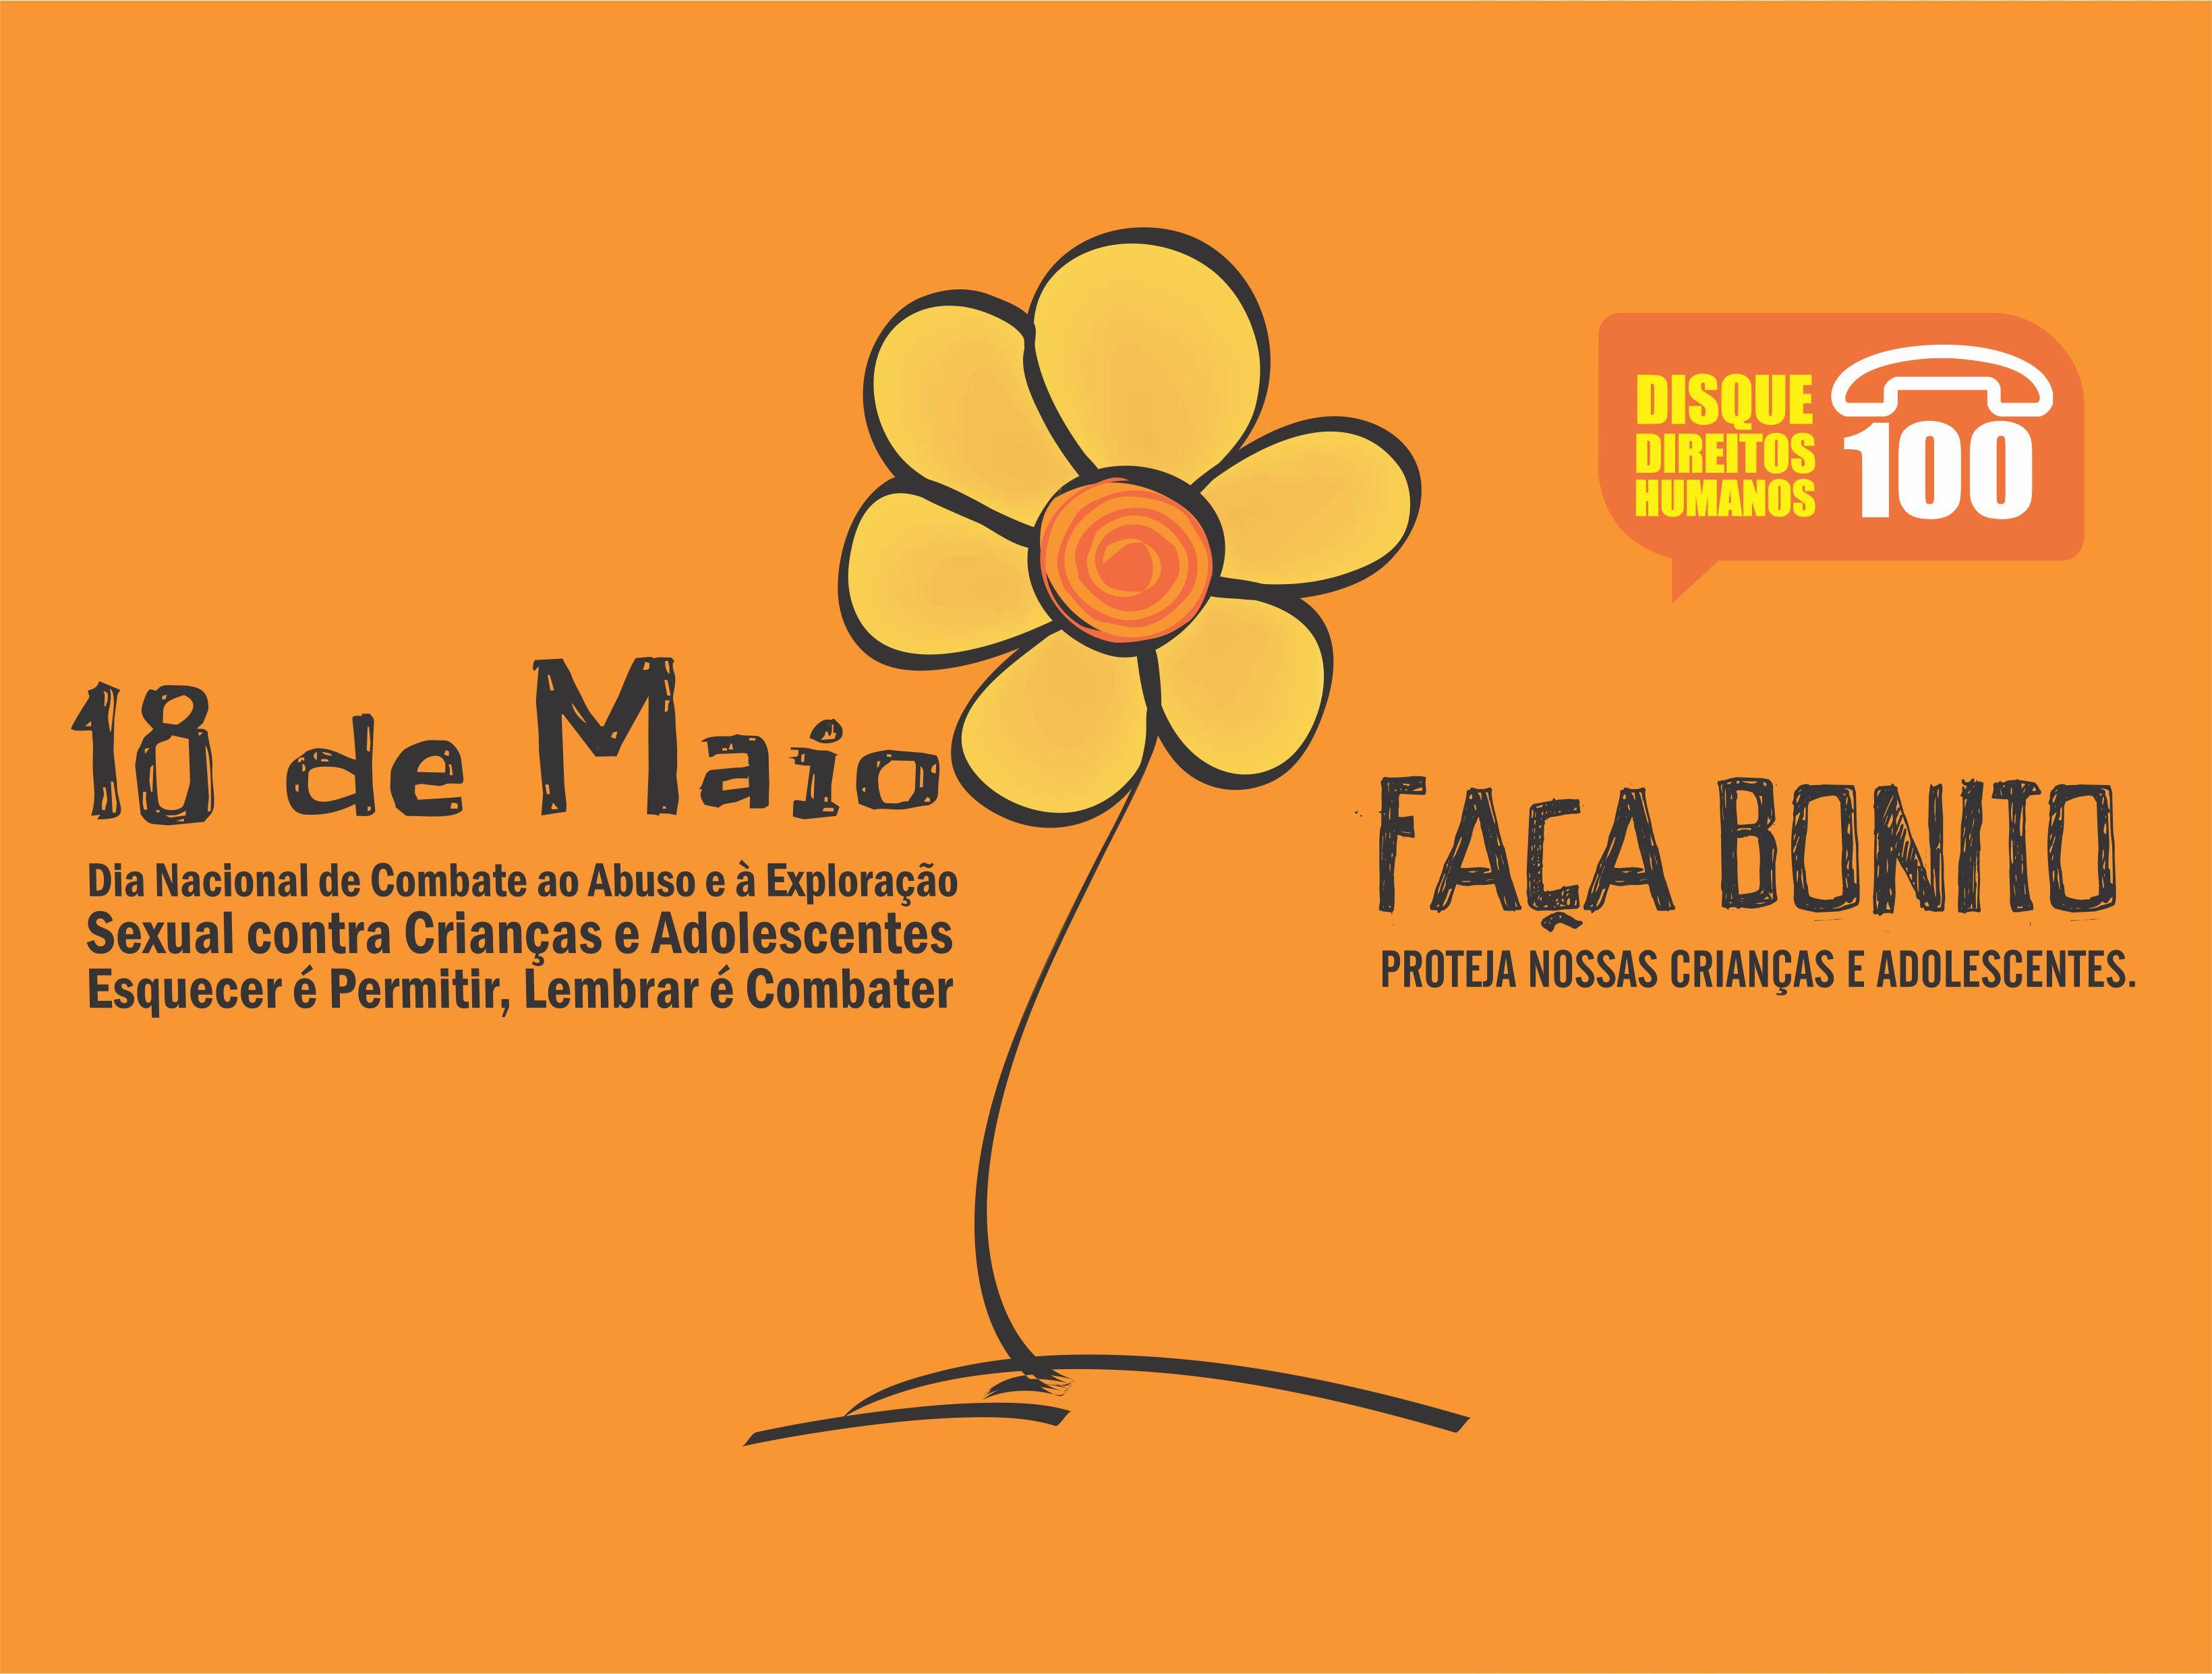 0e2a58dea873 18 de maio: Dia Nacional de Combate ao Abuso e à Exploração Sexual ...